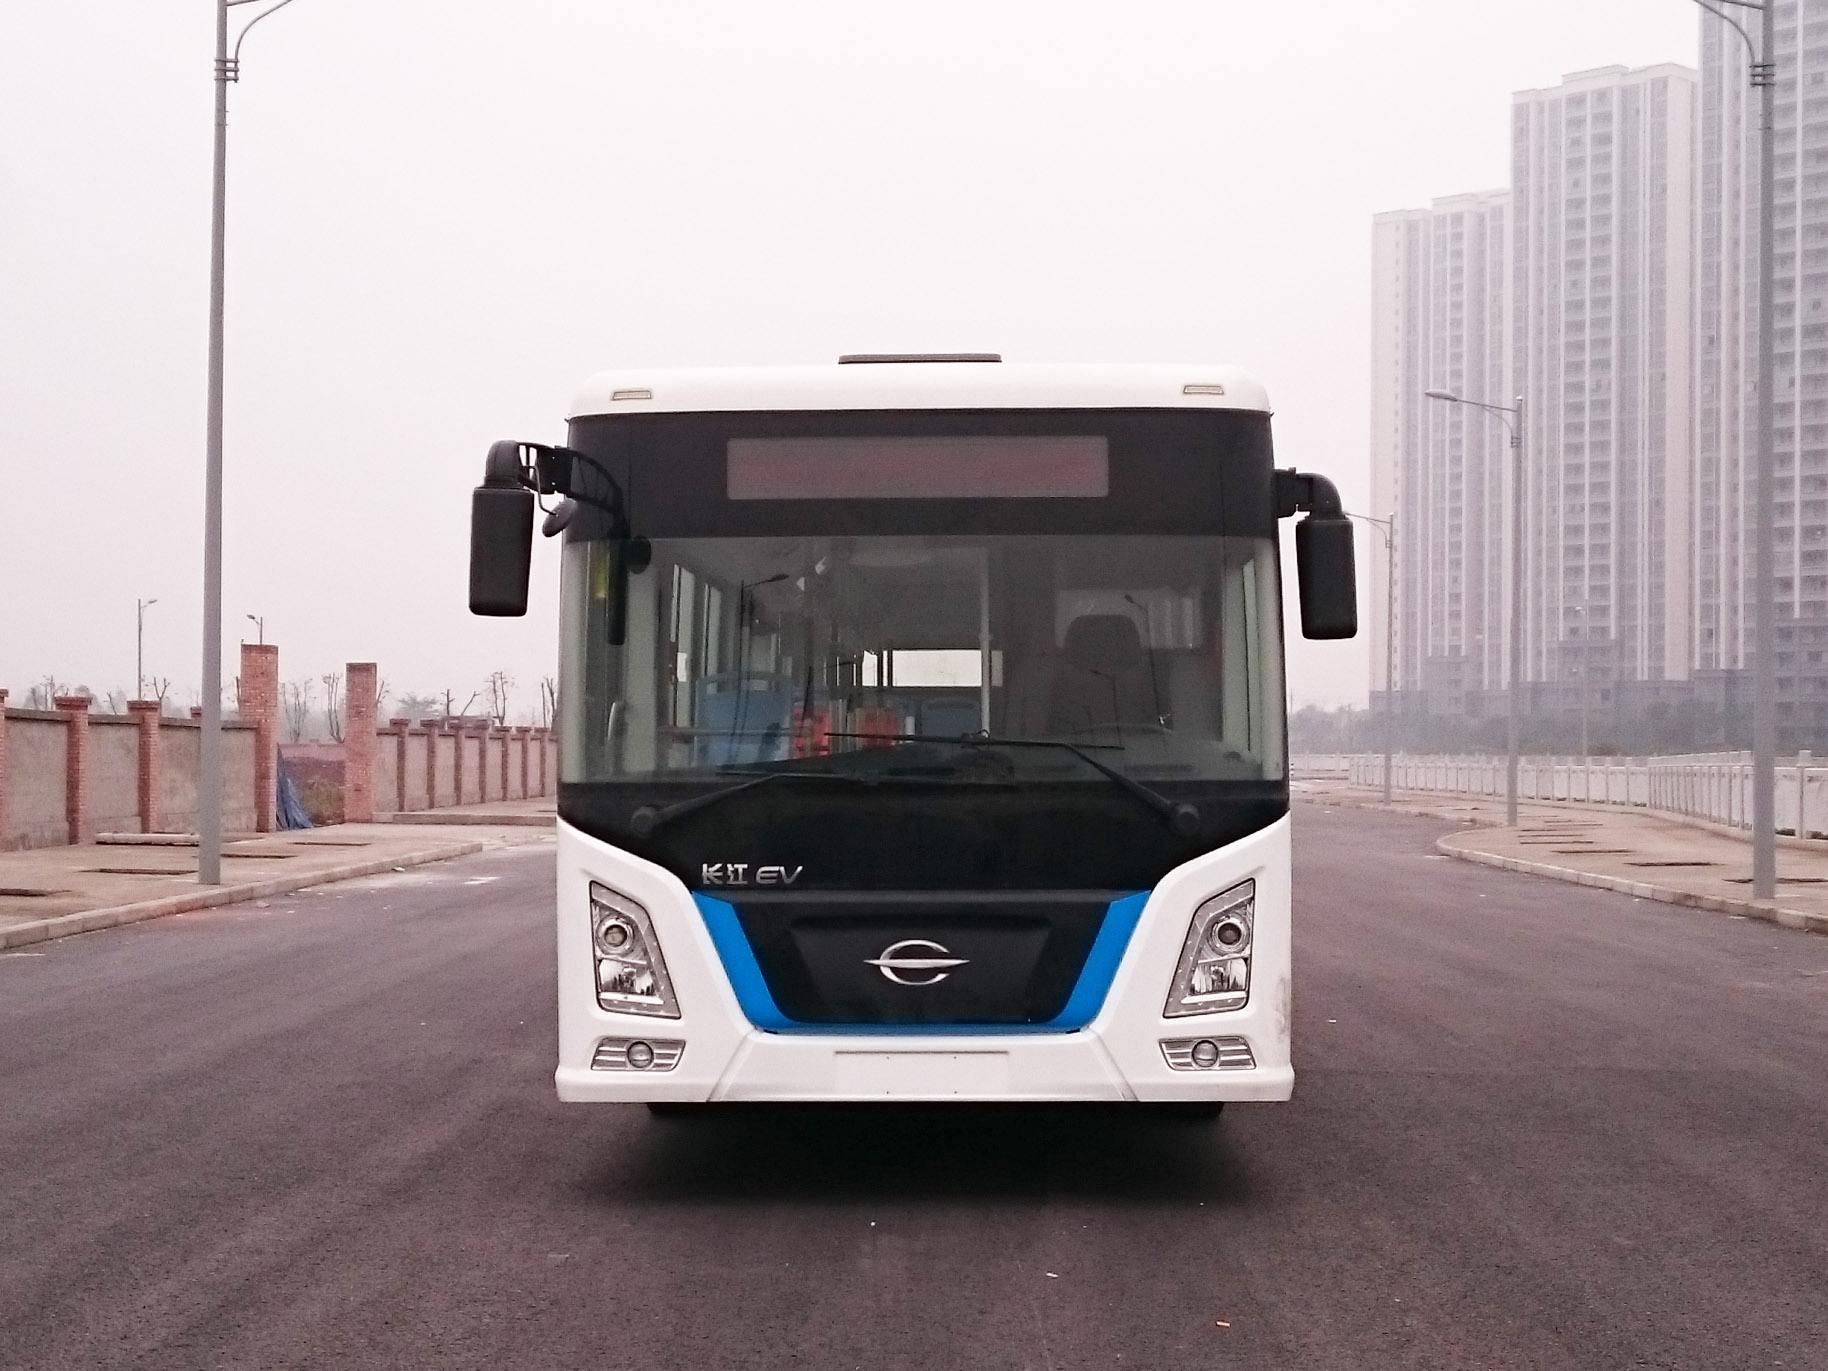 云南五龙氢燃料电池汽车中标佛山南海200辆氢燃料电池公交车